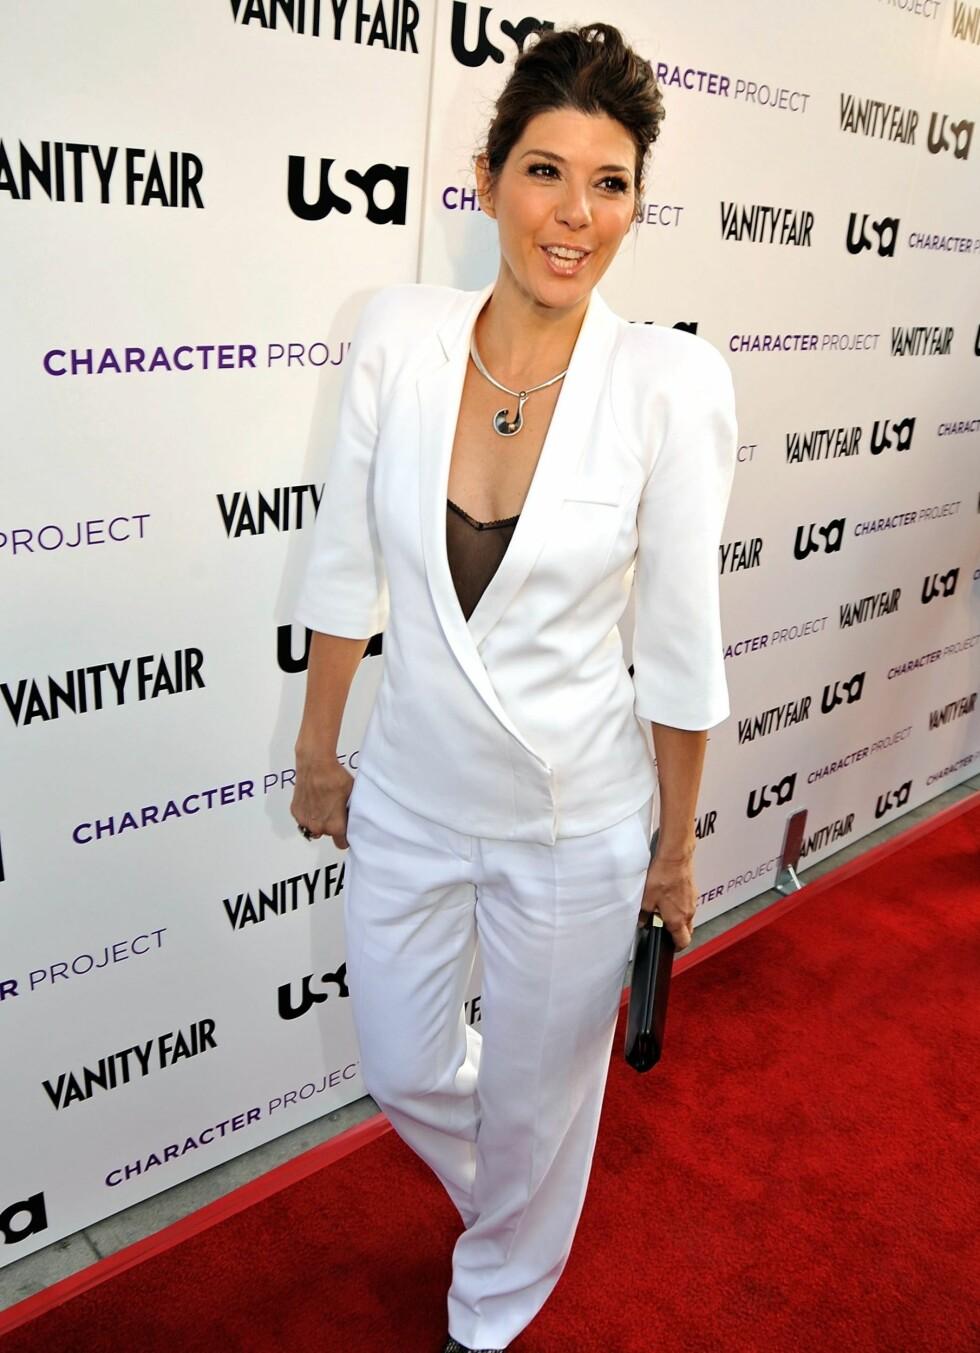 Skuespiller Marissa Tomei, sist sett i filmen The Wrestler, går for full hvit dress. Foto: All Over Press